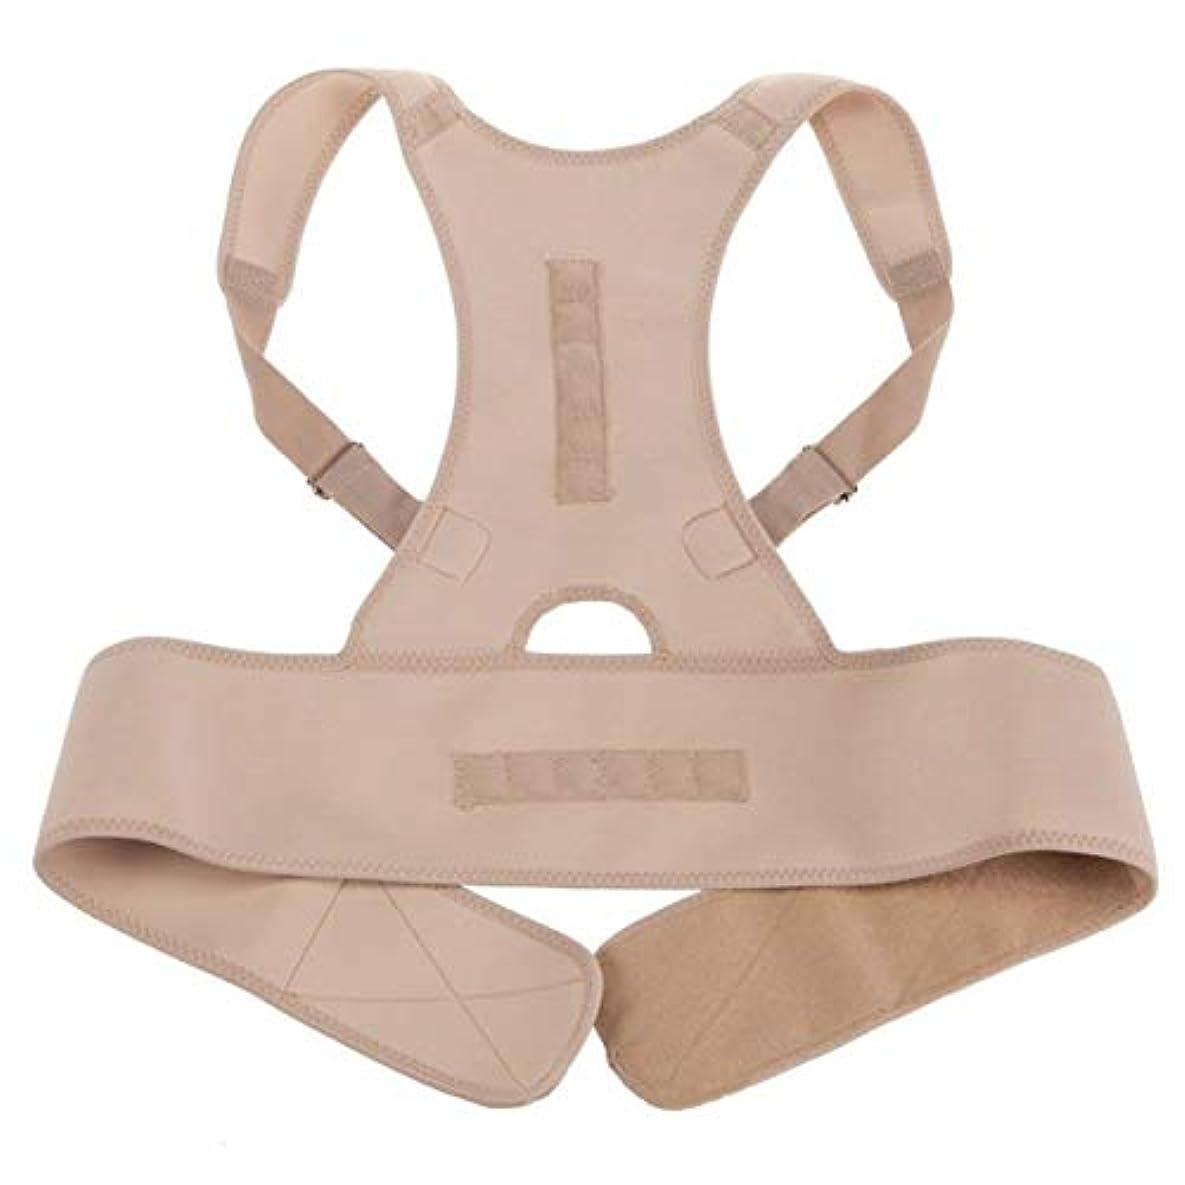 キネマティクス局ファンネオプレン磁気姿勢補正器バッドバック腰椎肩サポート腰痛ブレースバンドベルトユニセックス快適な服装 - ブラック2 XL